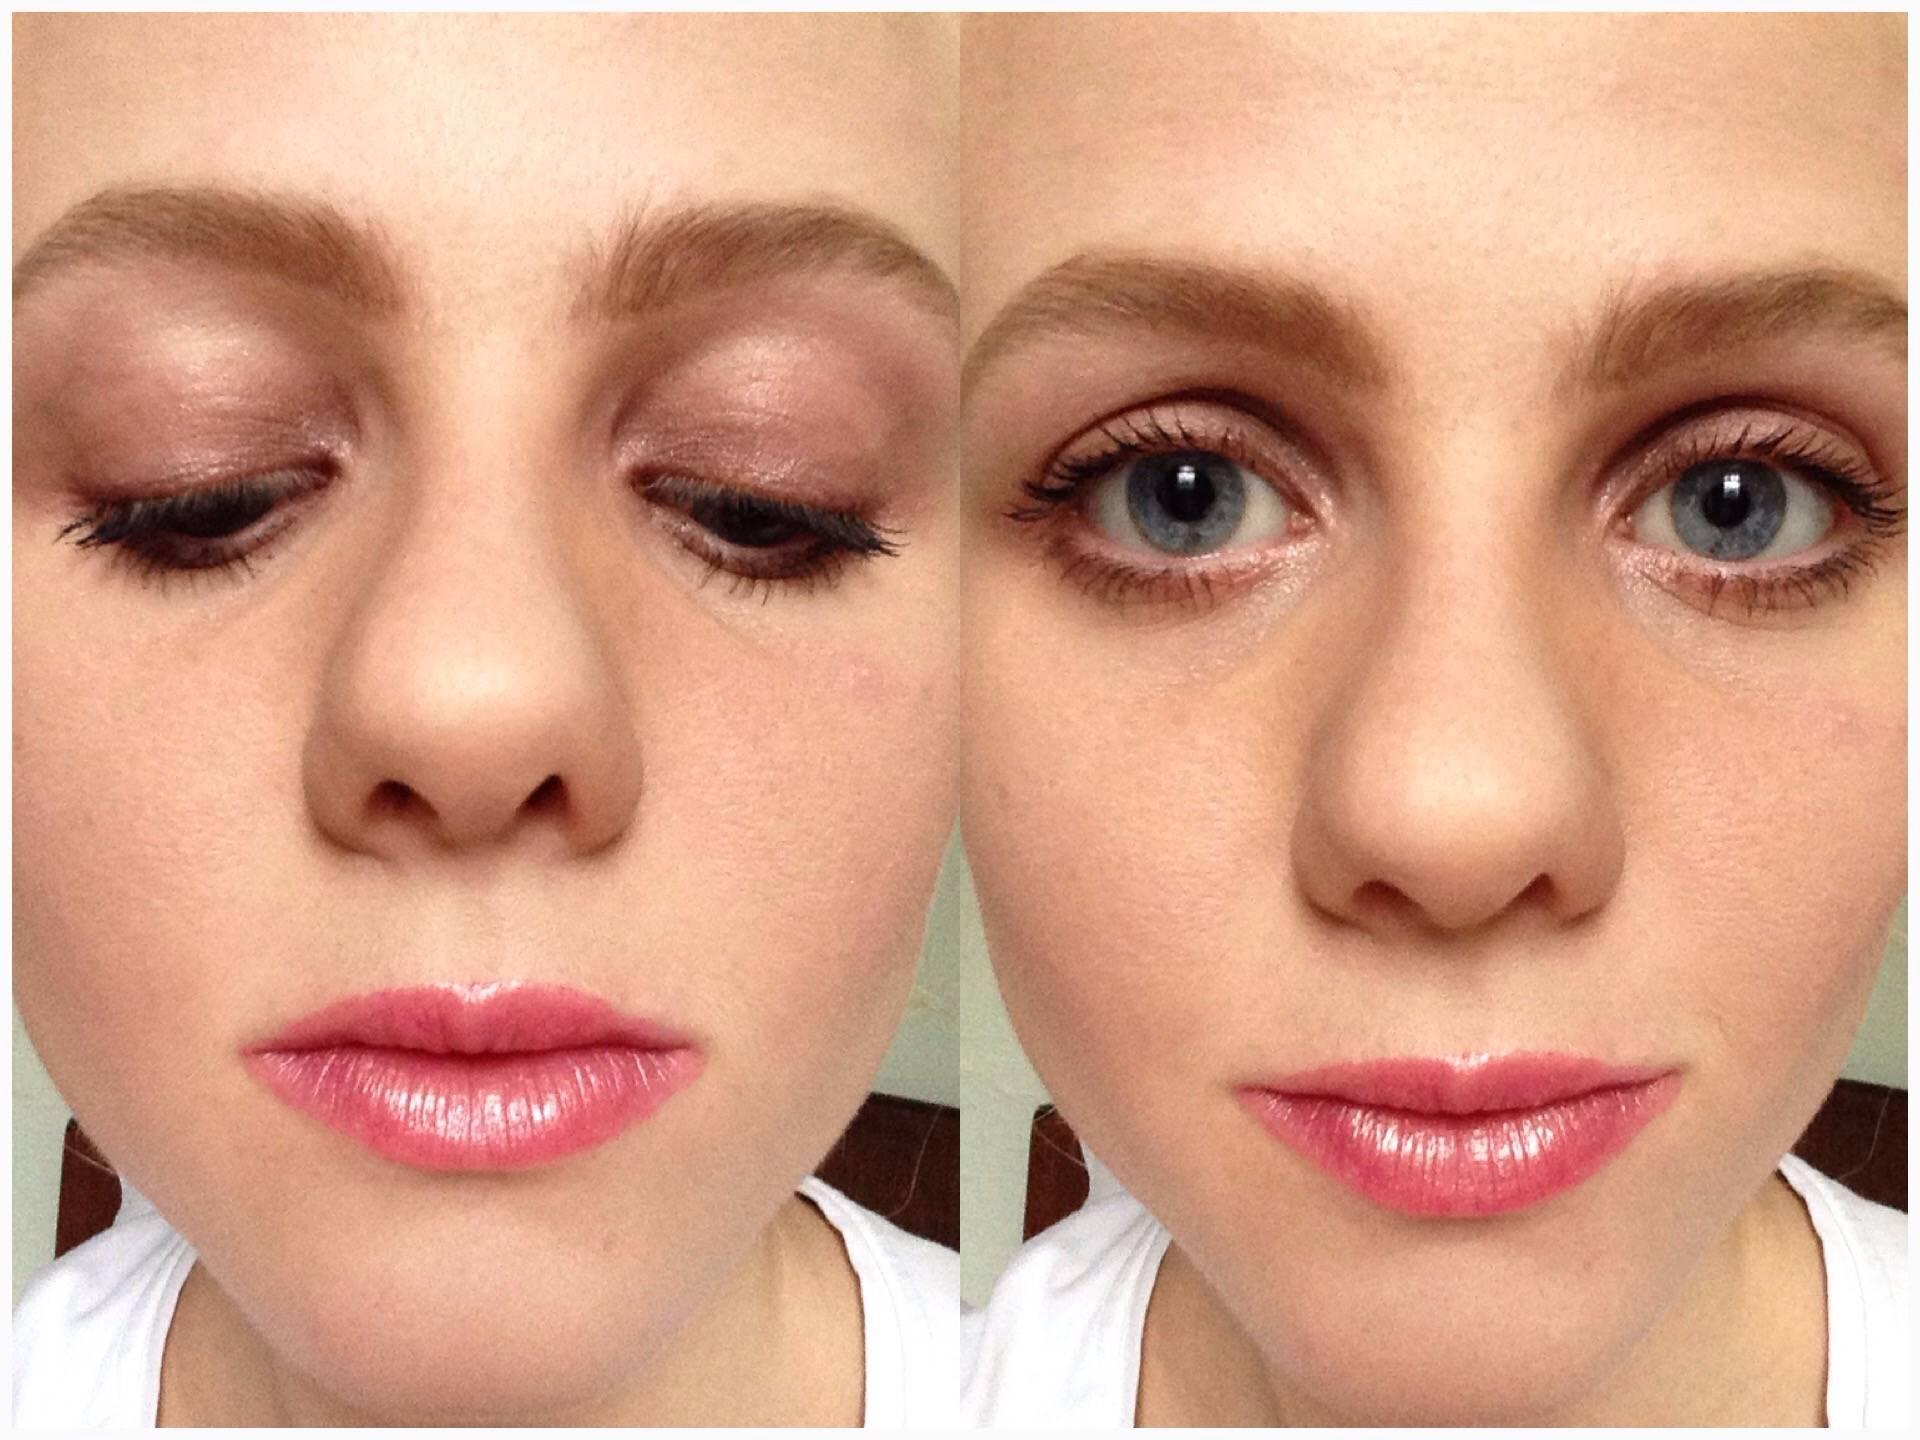 Я ненавижу свой нос: 10 лучших советов по поводу того, как исправить форму носа